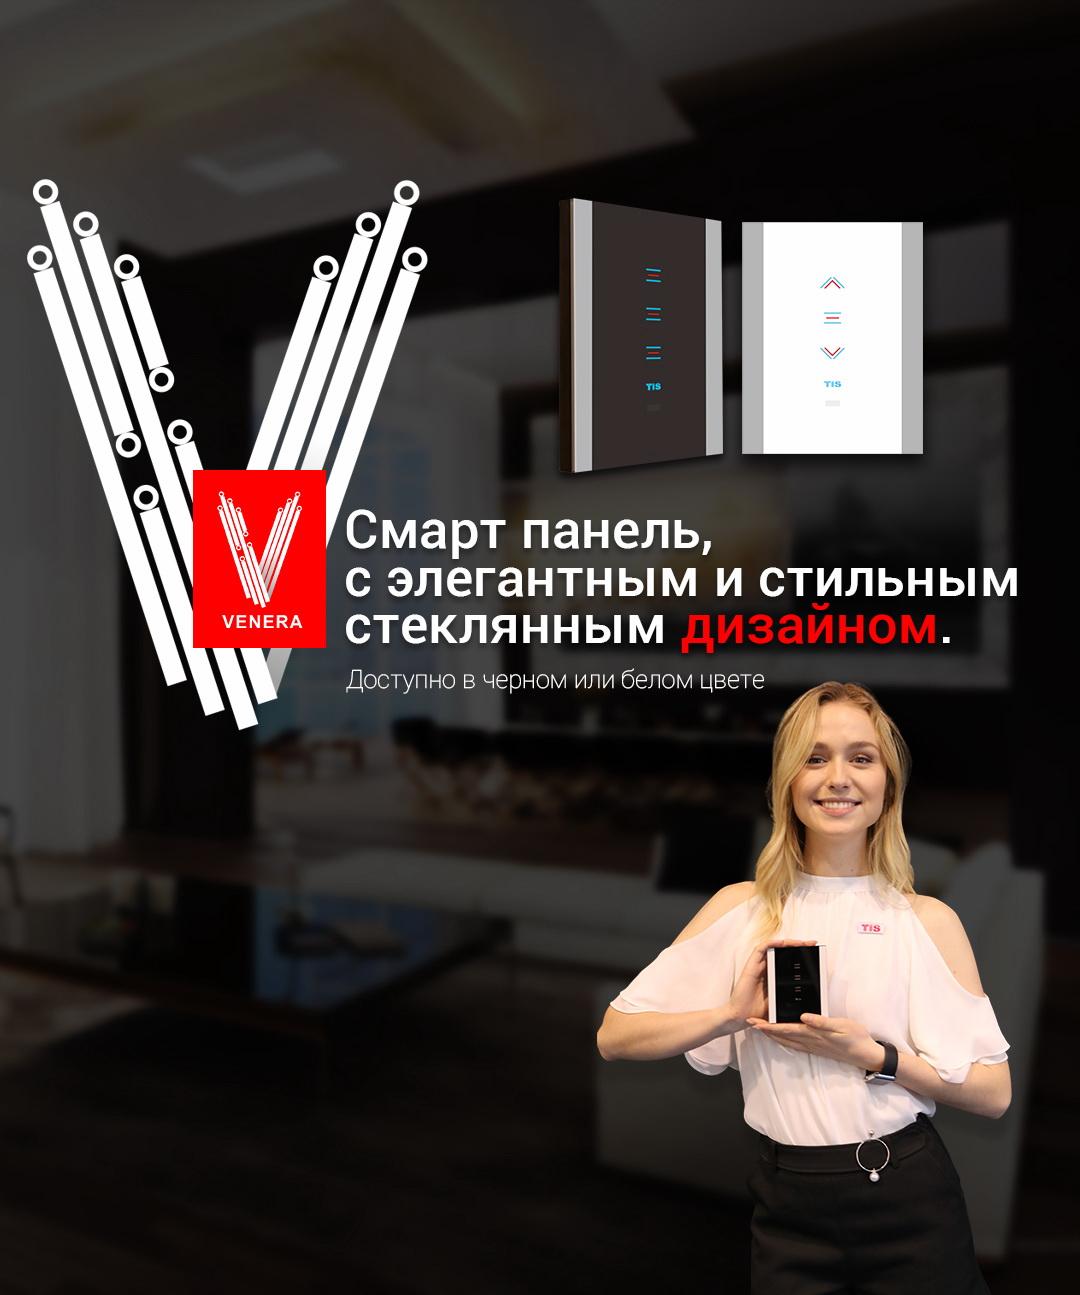 Технология TIS – умный WIFi выключатель света Venera Smart